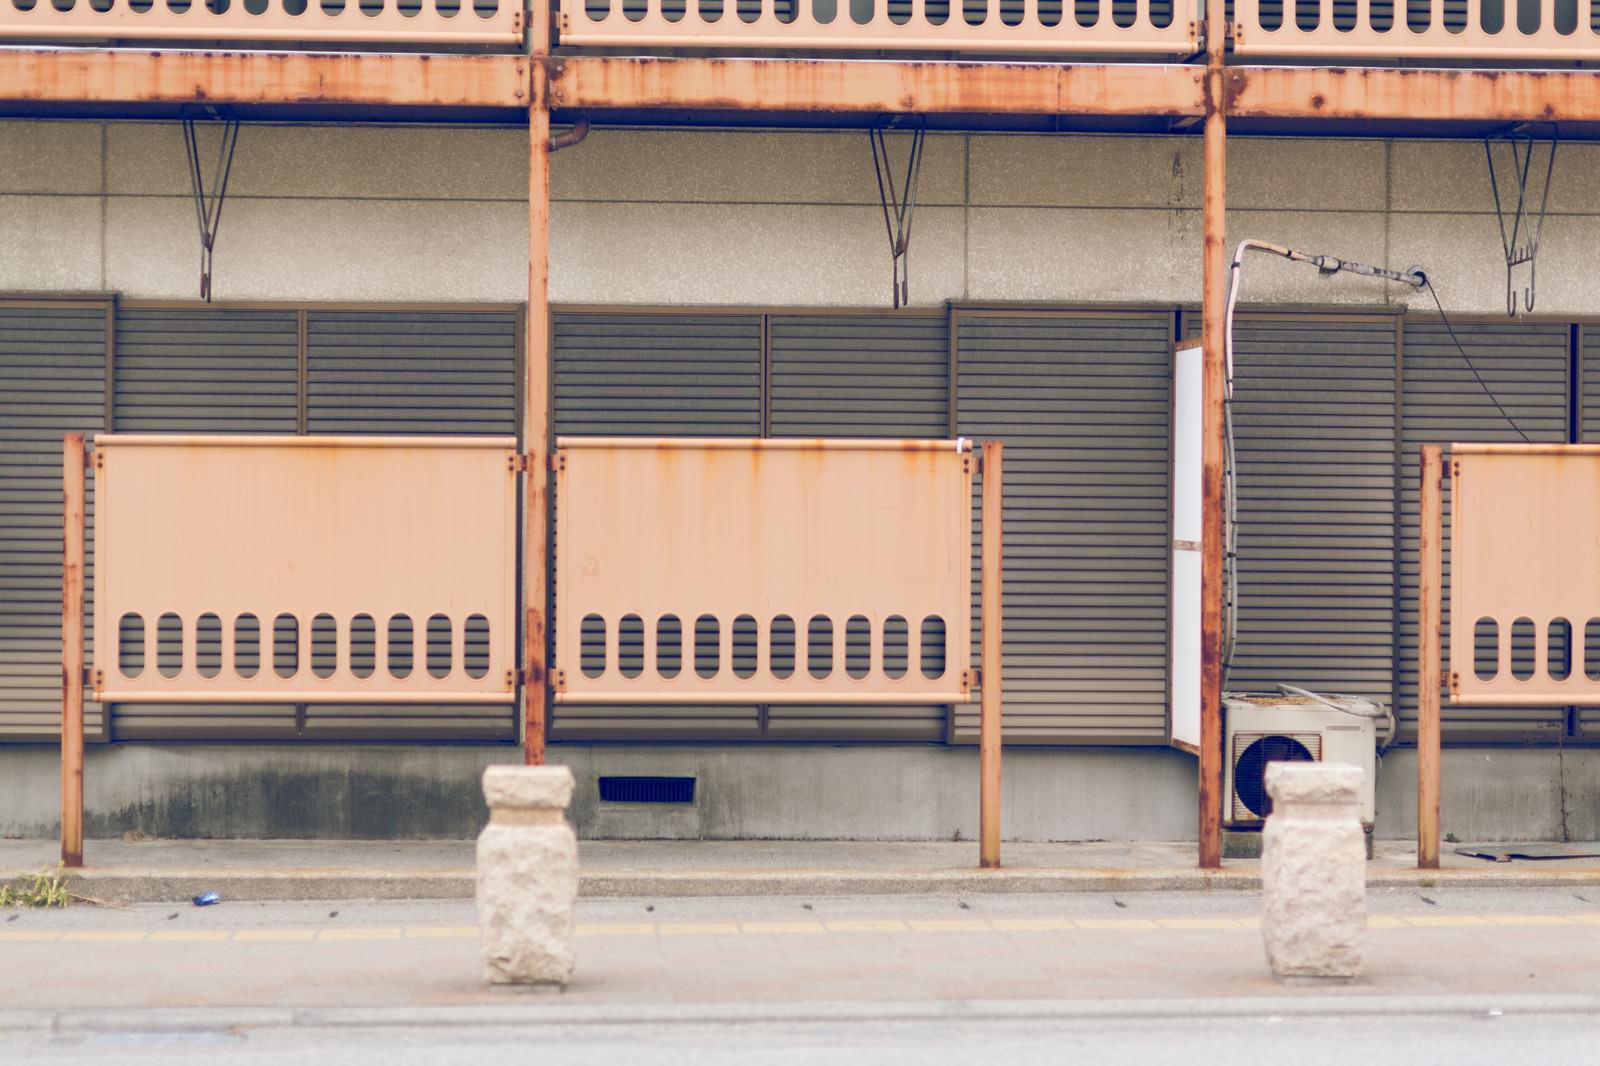 「誰も住んでいないアパート」の写真